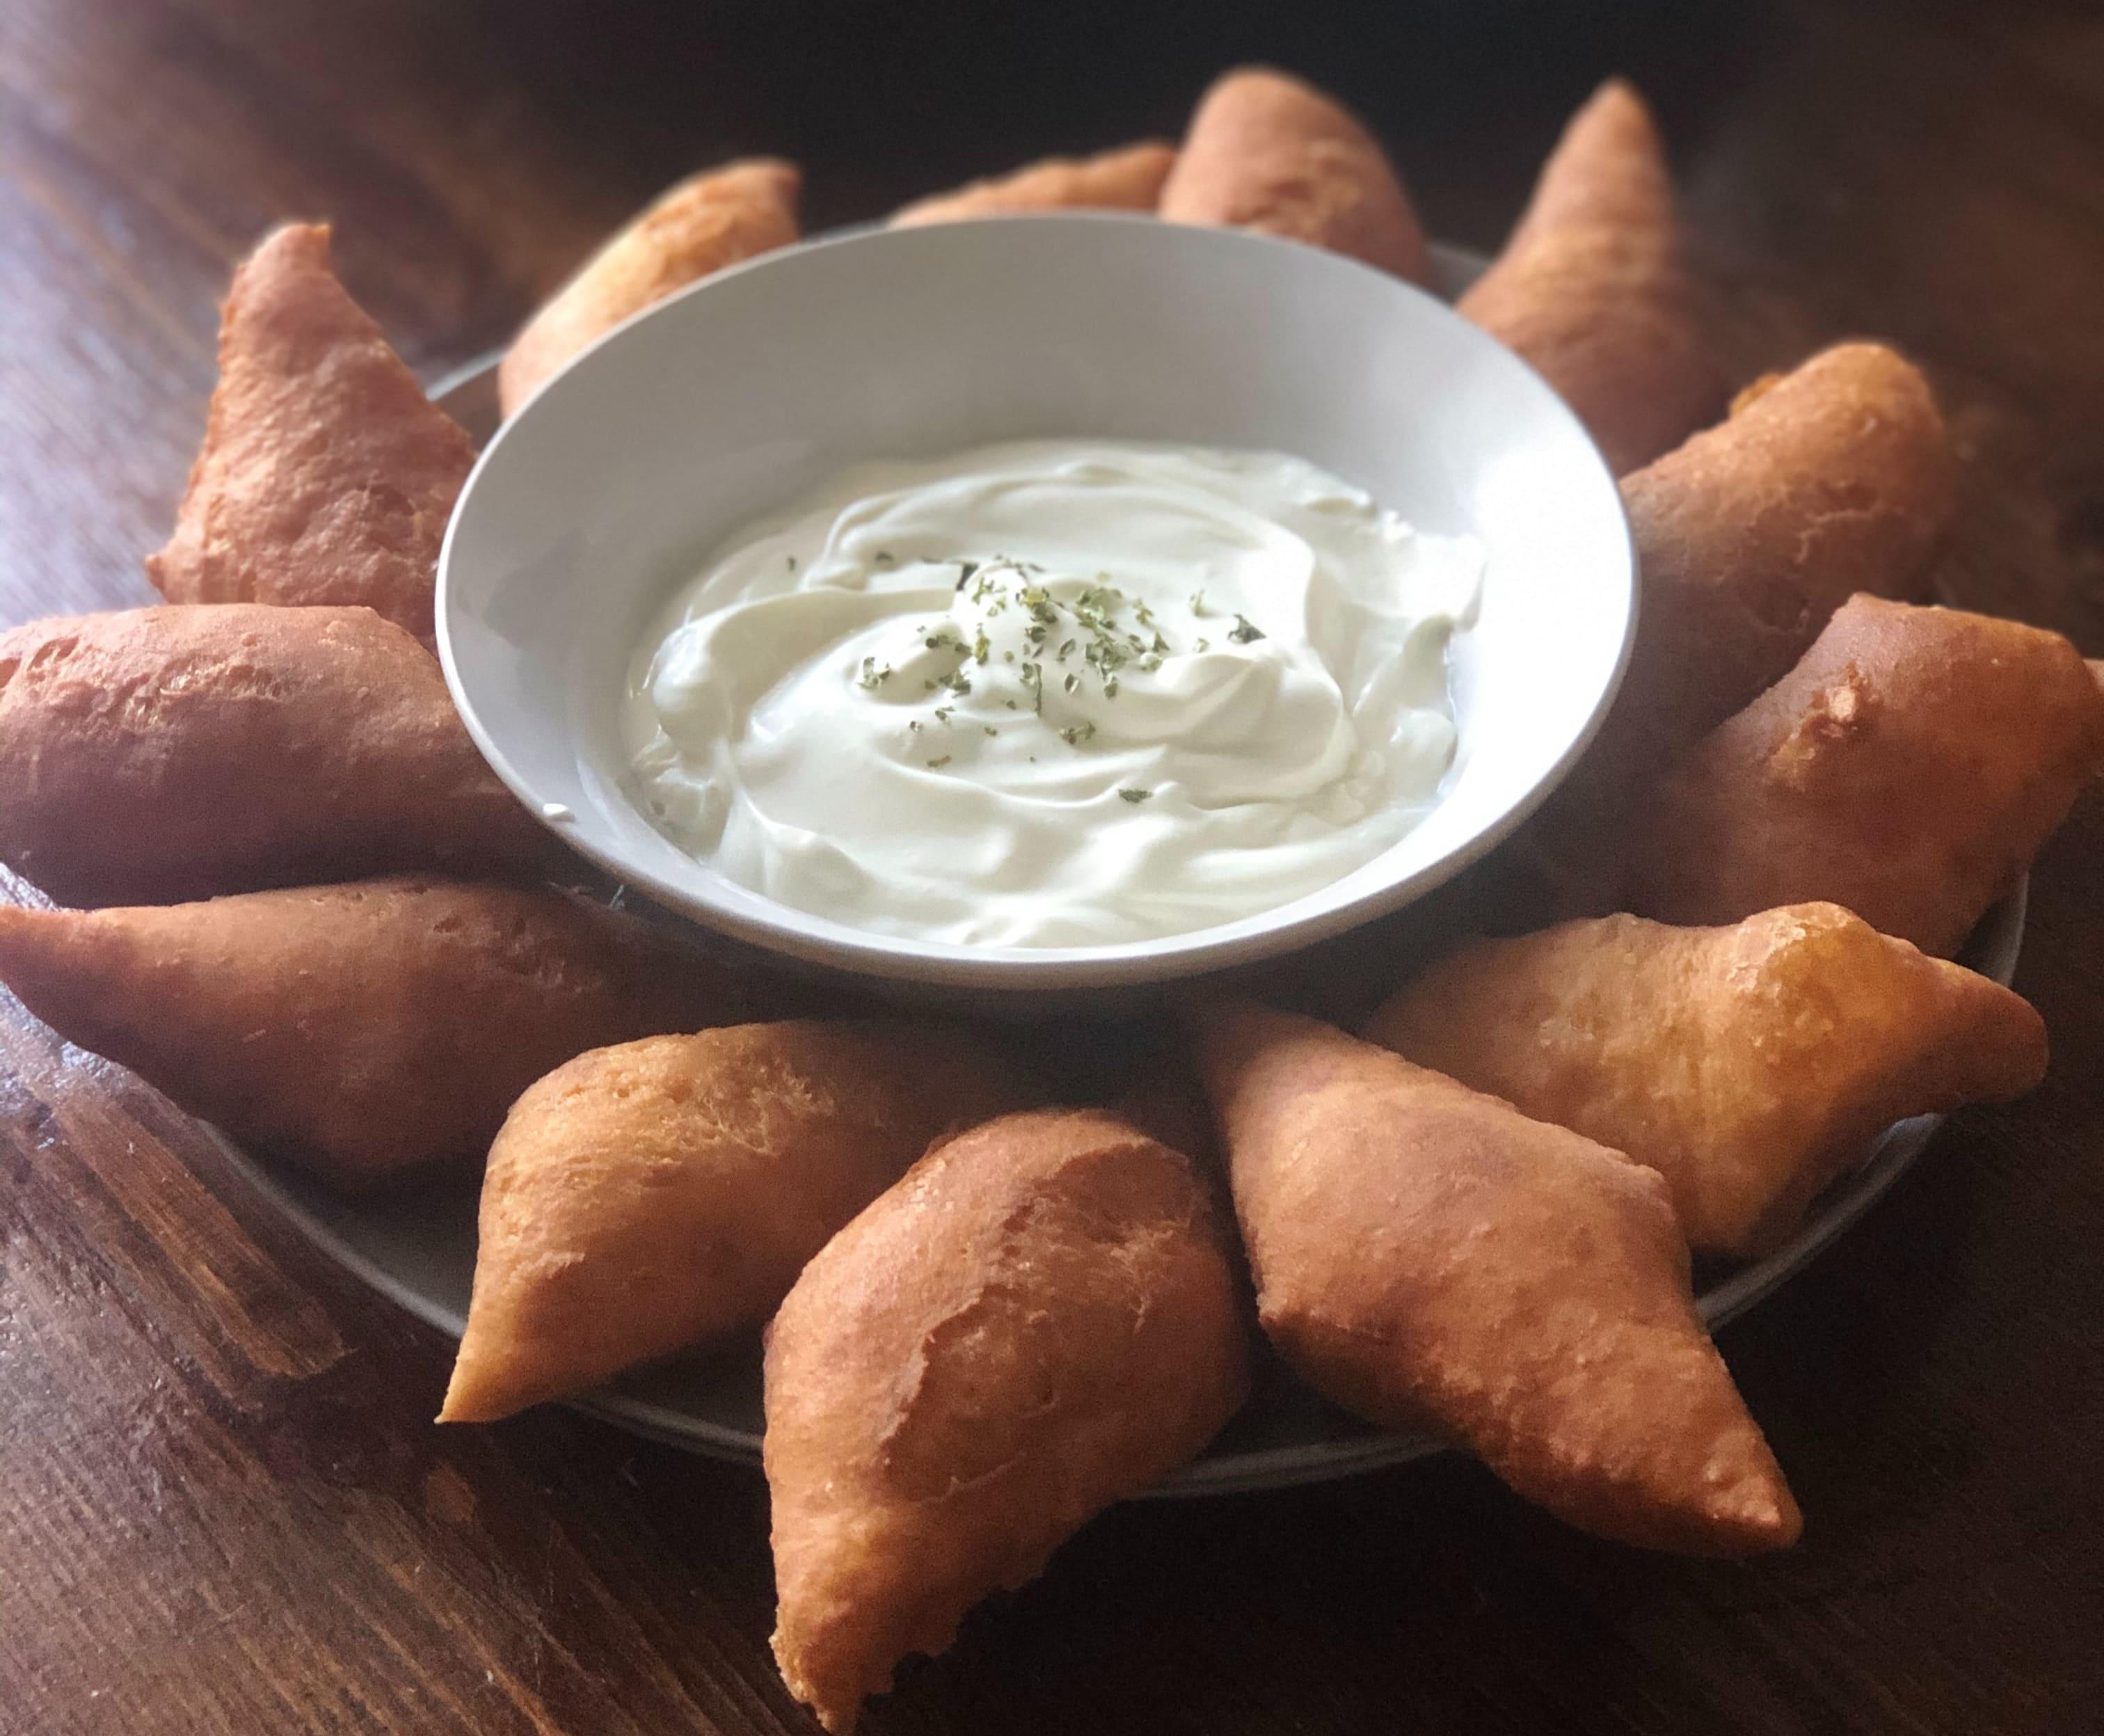 Ricette Con Yogurt Greco Salate.4 Ricette Salate Con Yogurt Greco Da Preparare In Estate